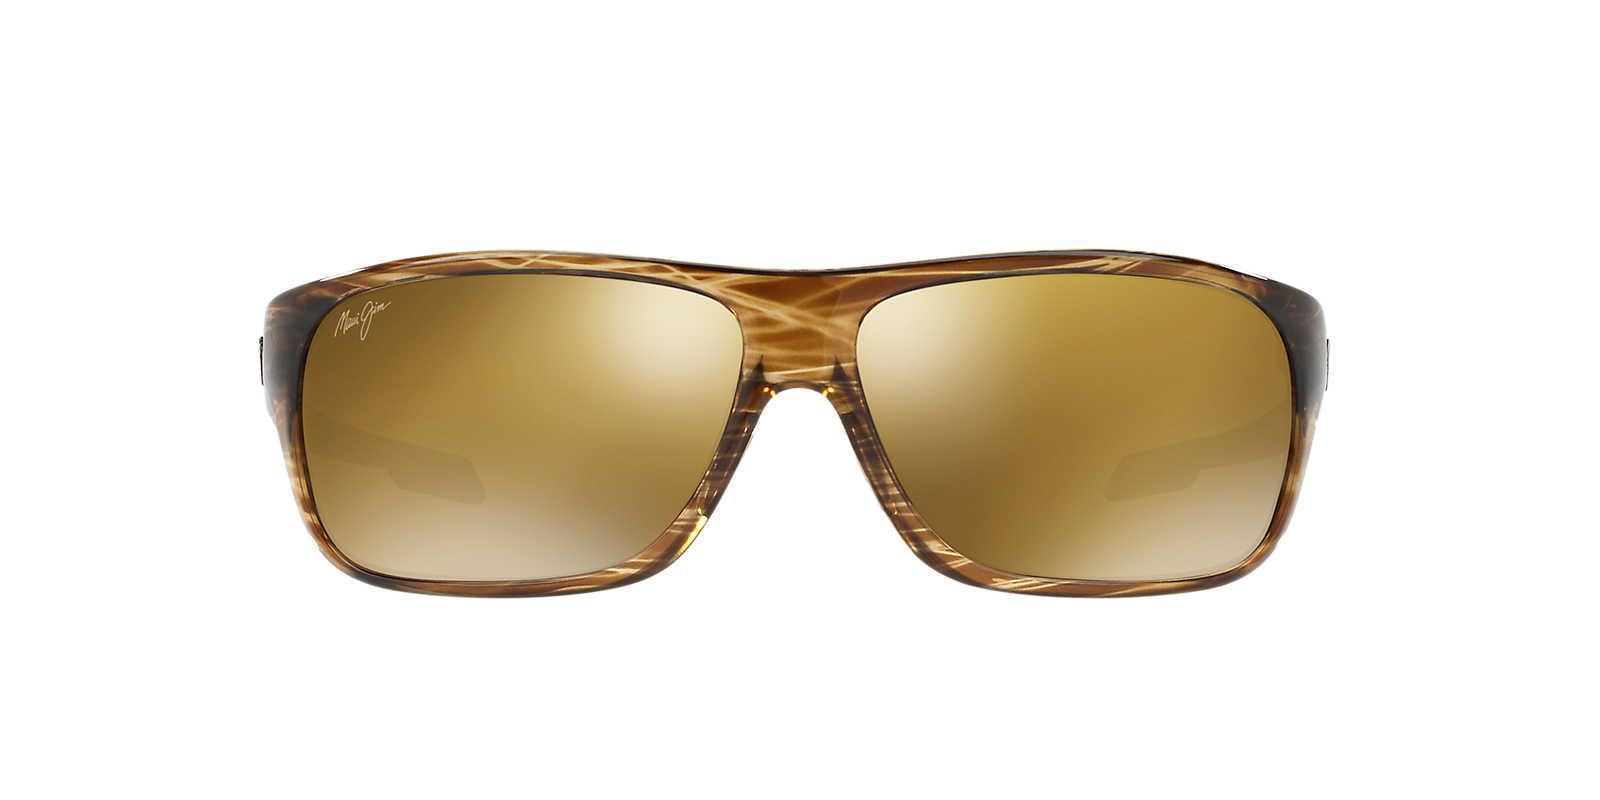 6e7f6e4528 Maui Jim Sand Island Sunglasses With Polarizedplus®2 Lenses « One ...